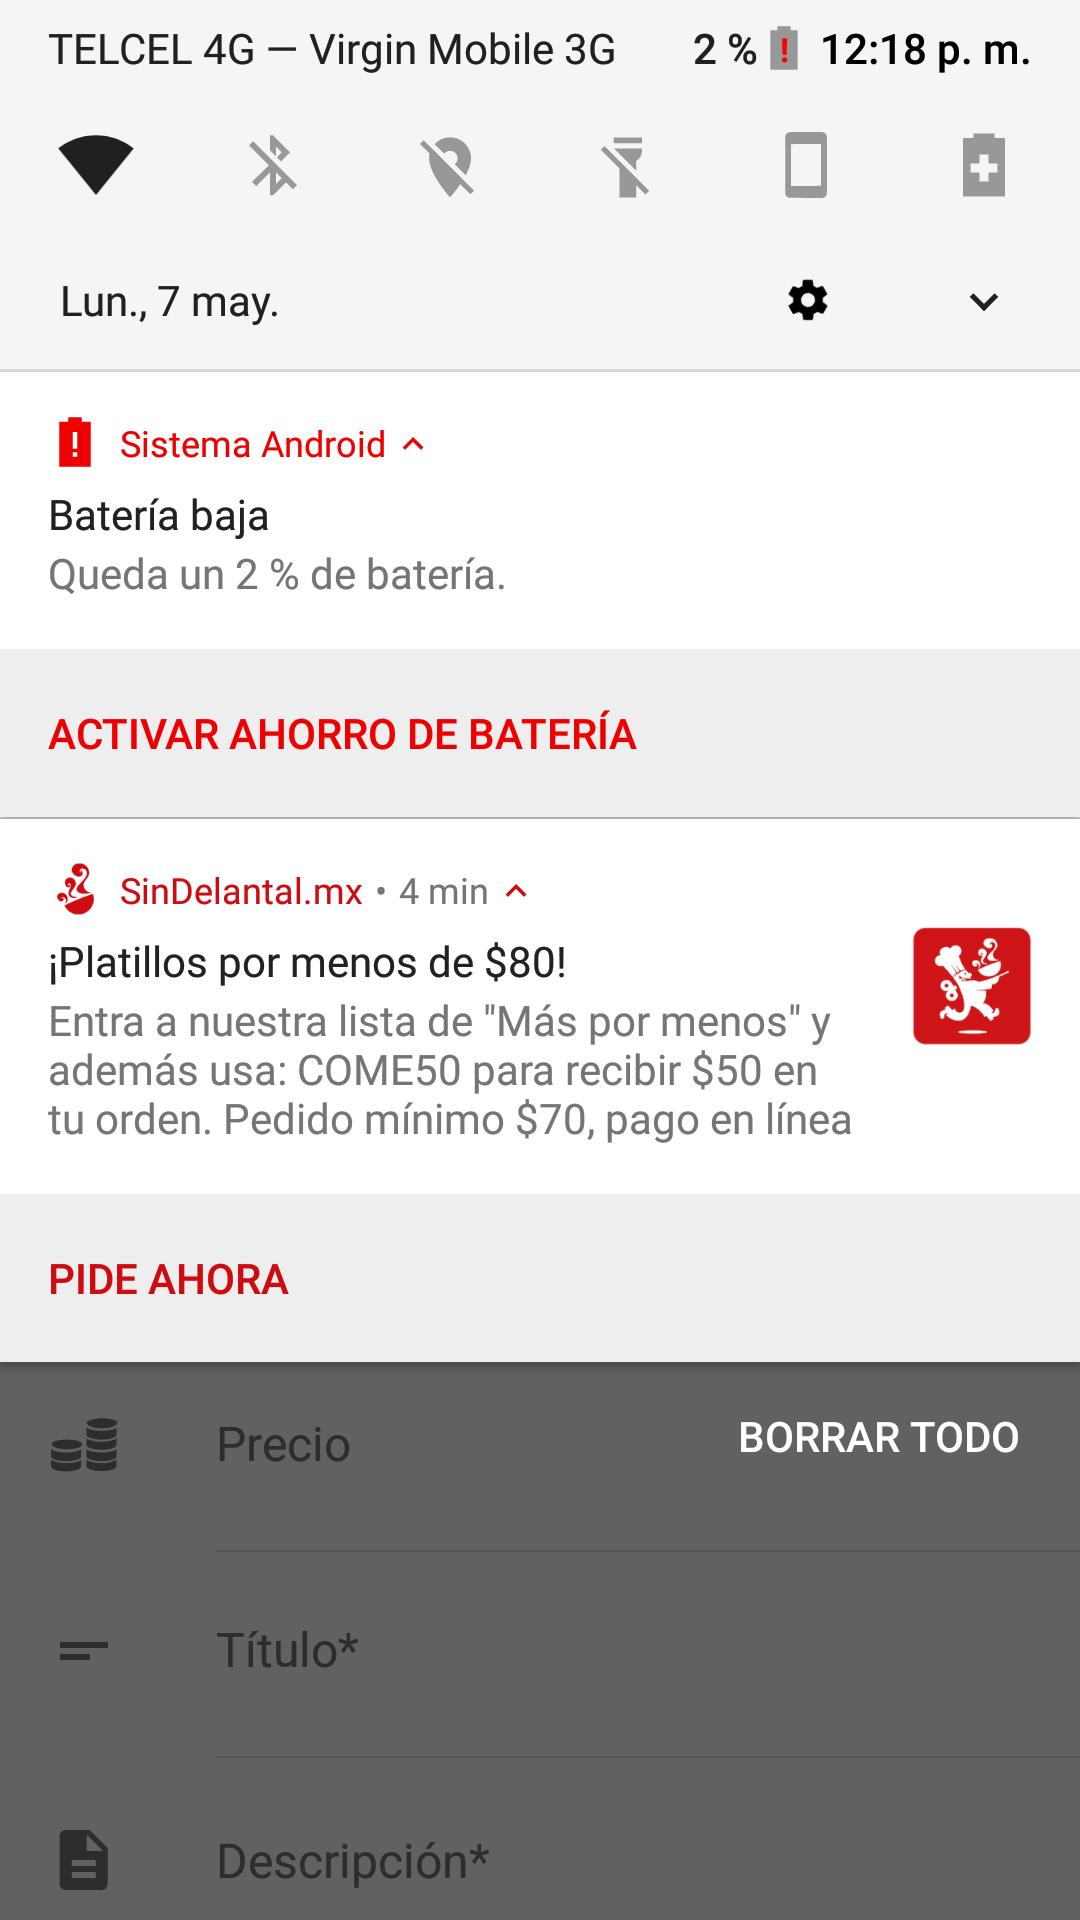 SinDelantal: $50 pesos de descuento $70 mínimo